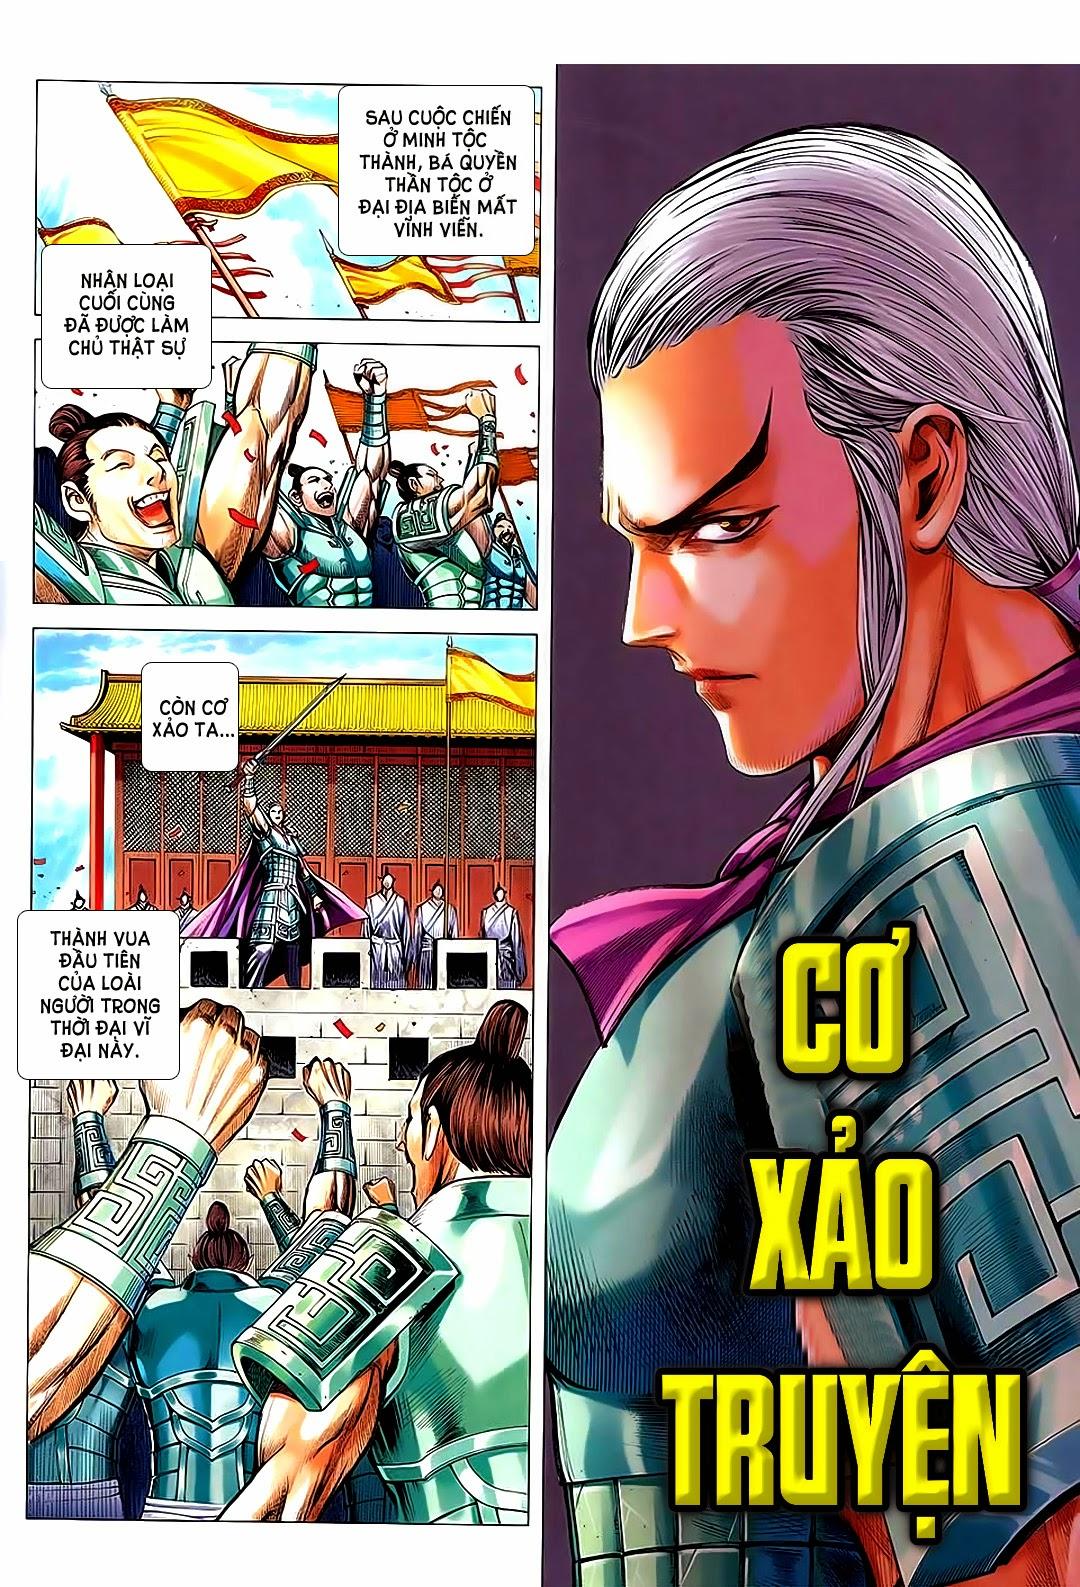 a3manga.com-phong-than-ky-2